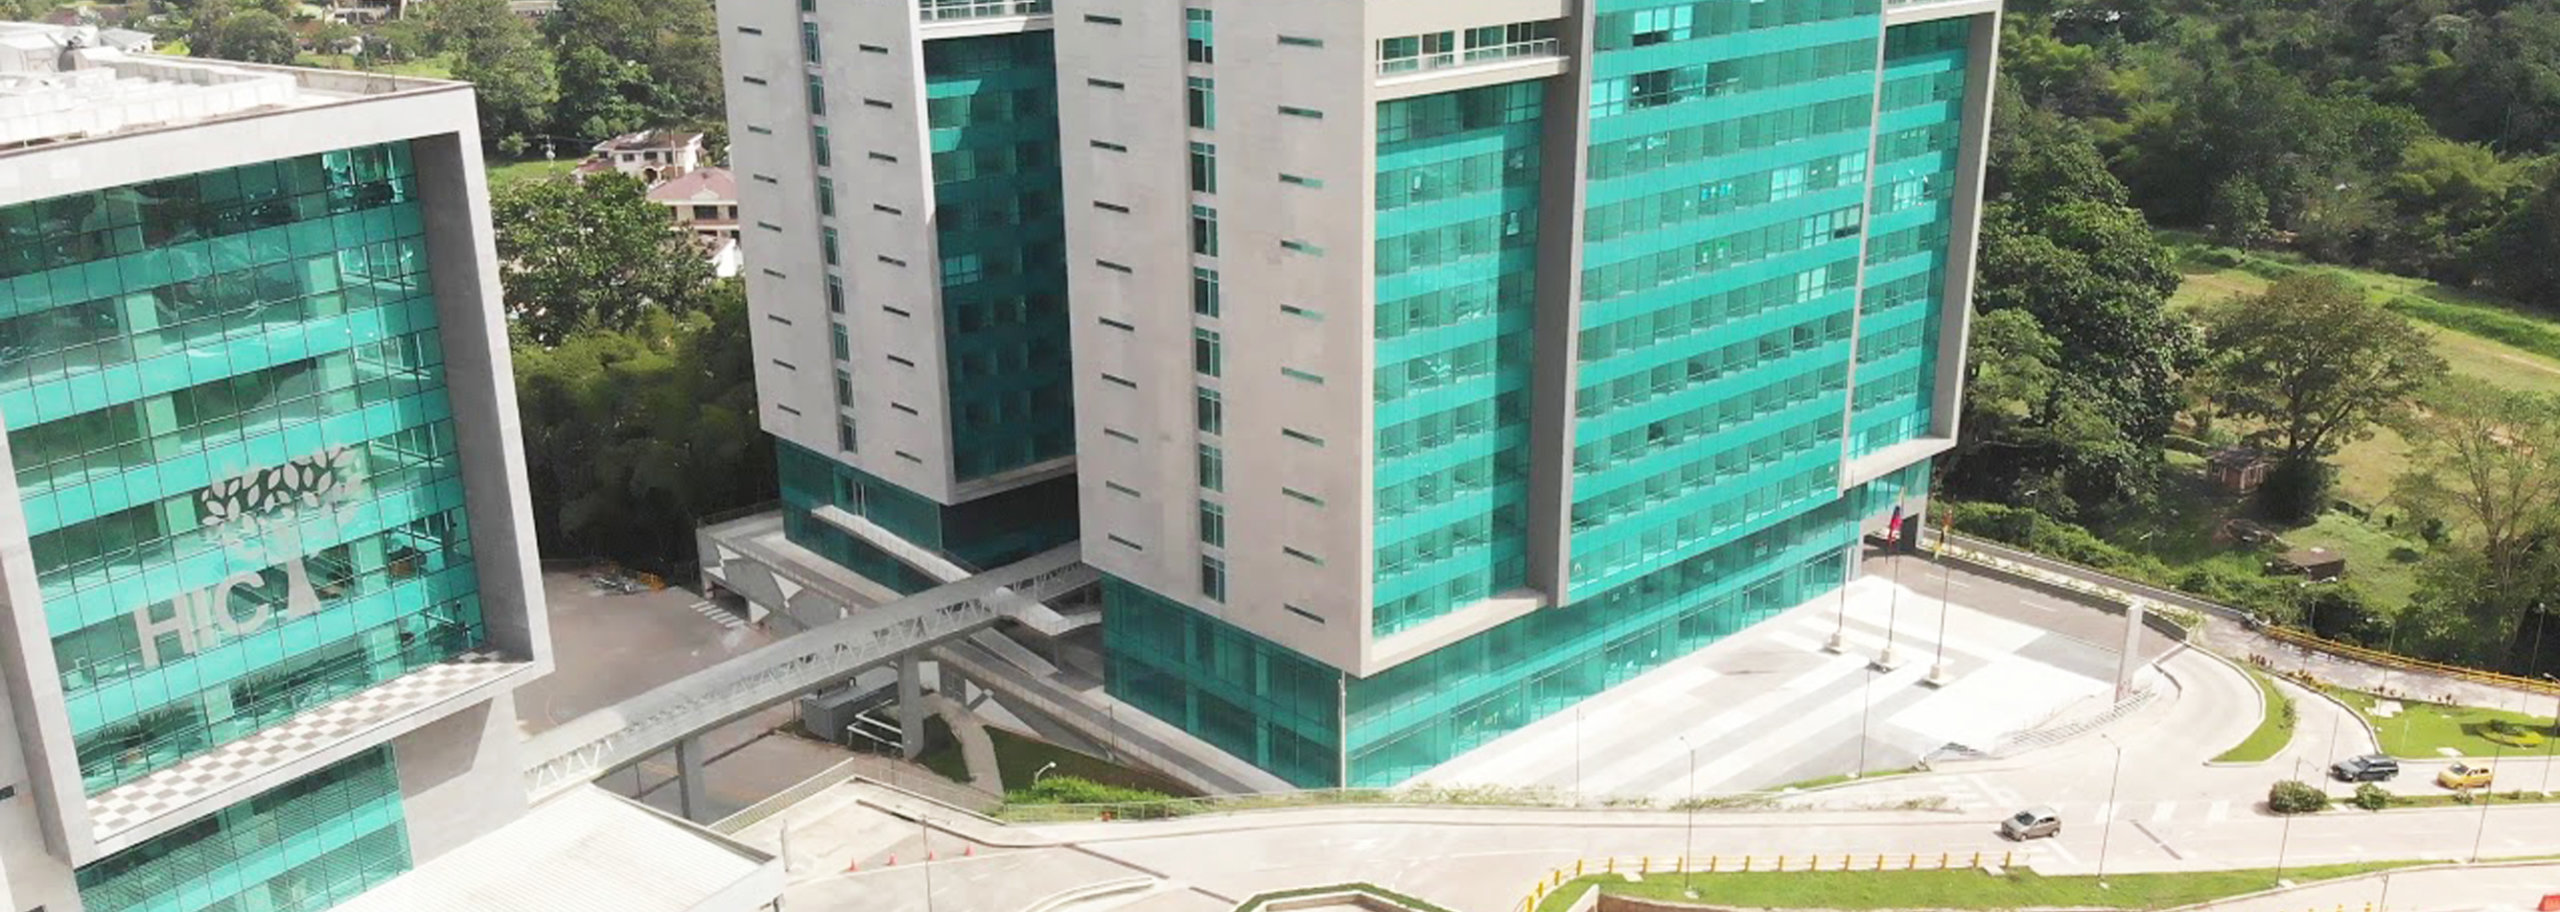 Megaproyecto Hospital Internacional de Colombia